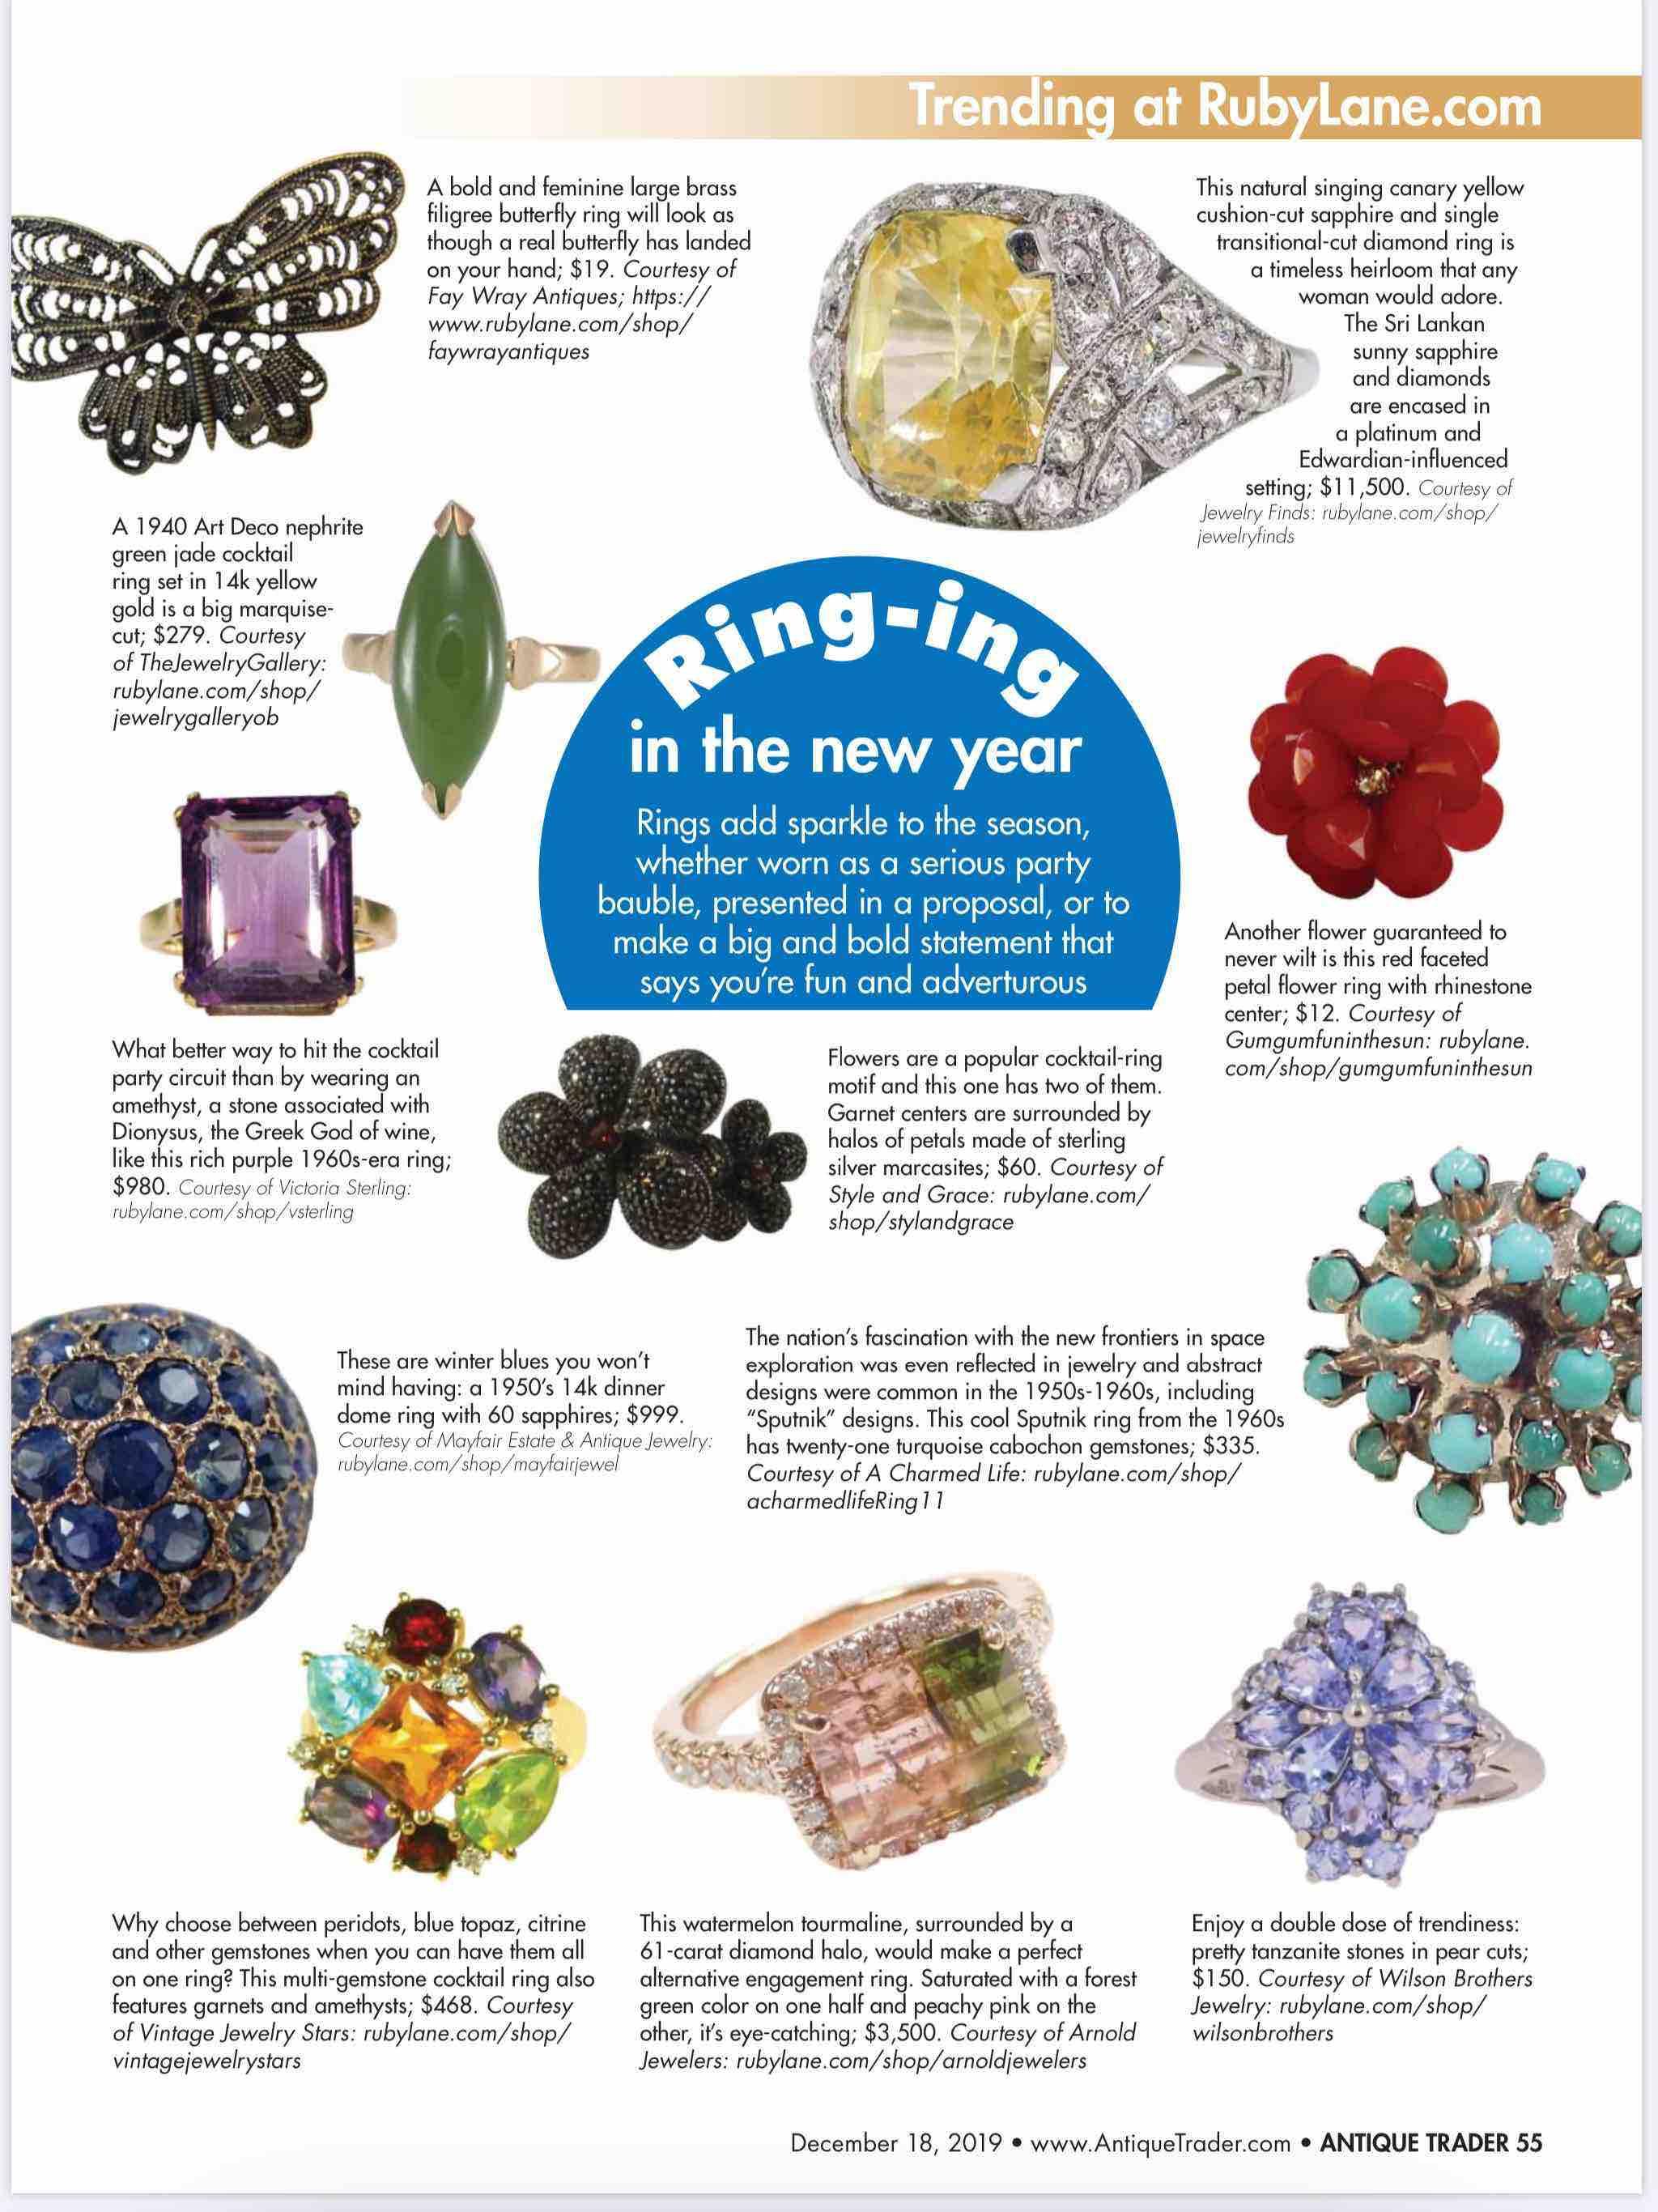 December 18, 2019, Antique Trader Magazine, Trending at RubyLane.com image 2